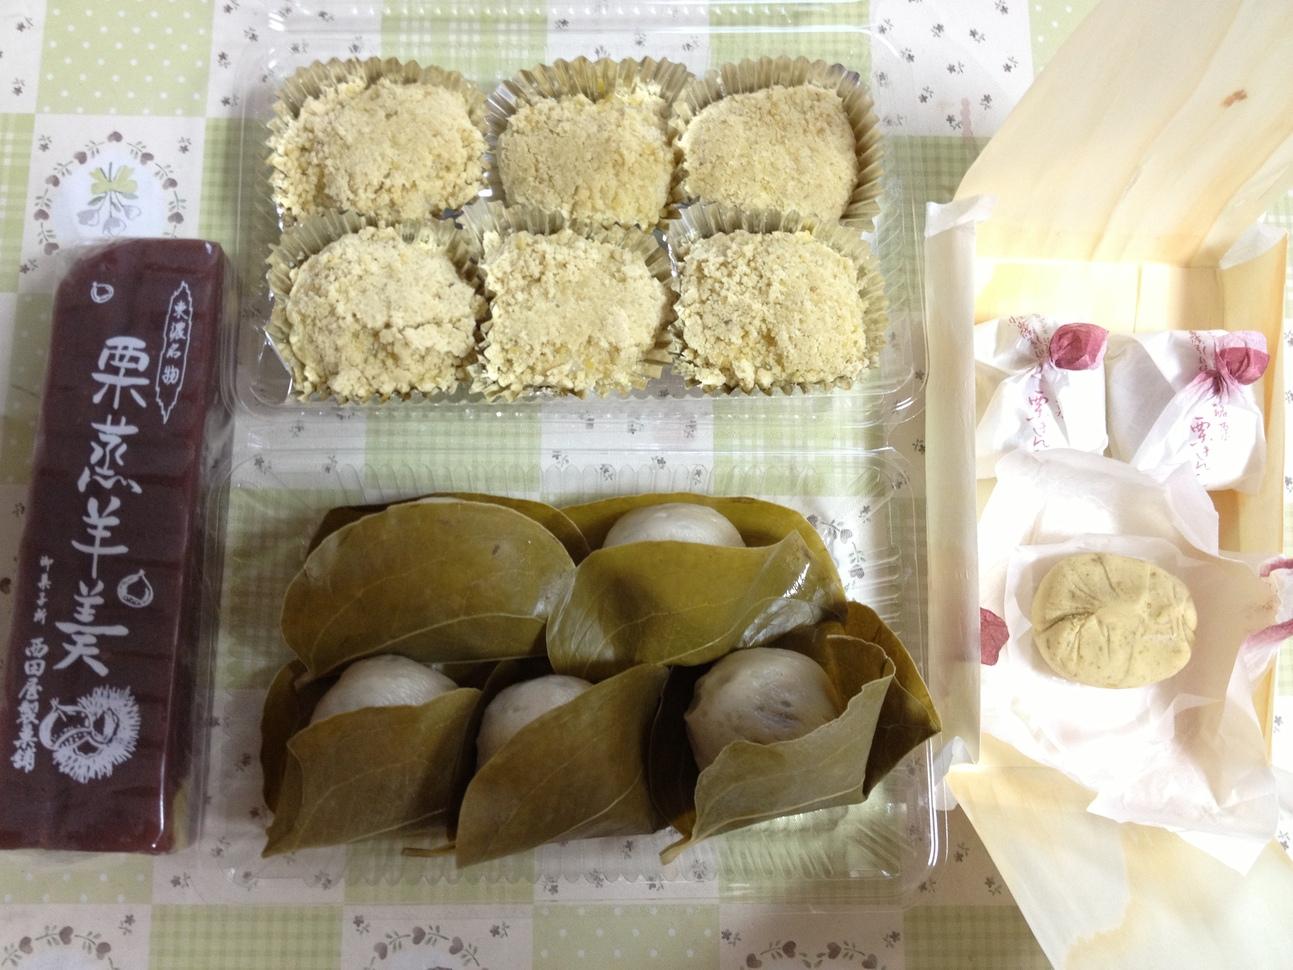 西田屋製菓舗